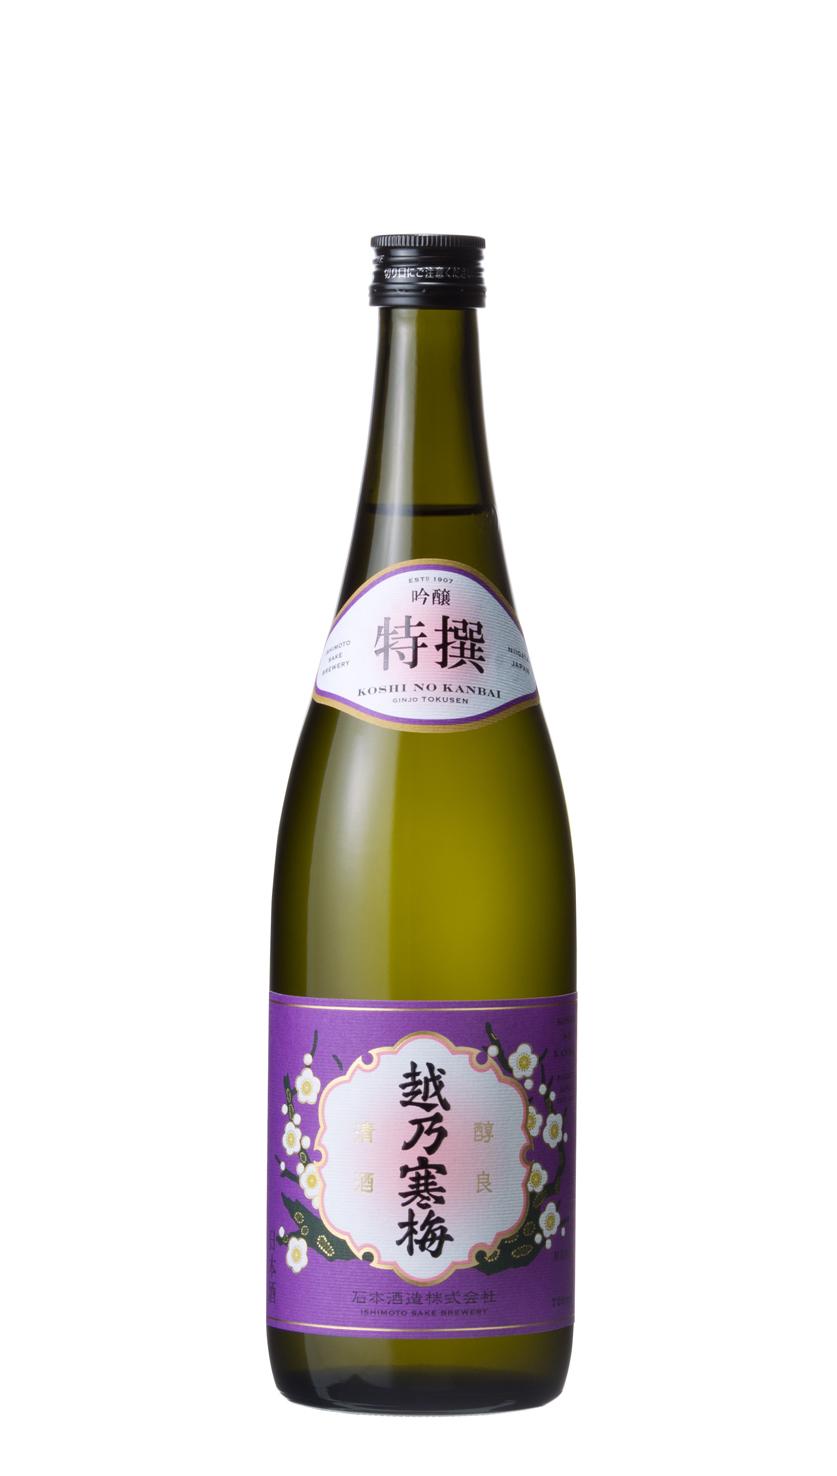 越乃寒梅 特撰 720ml (吟醸酒)